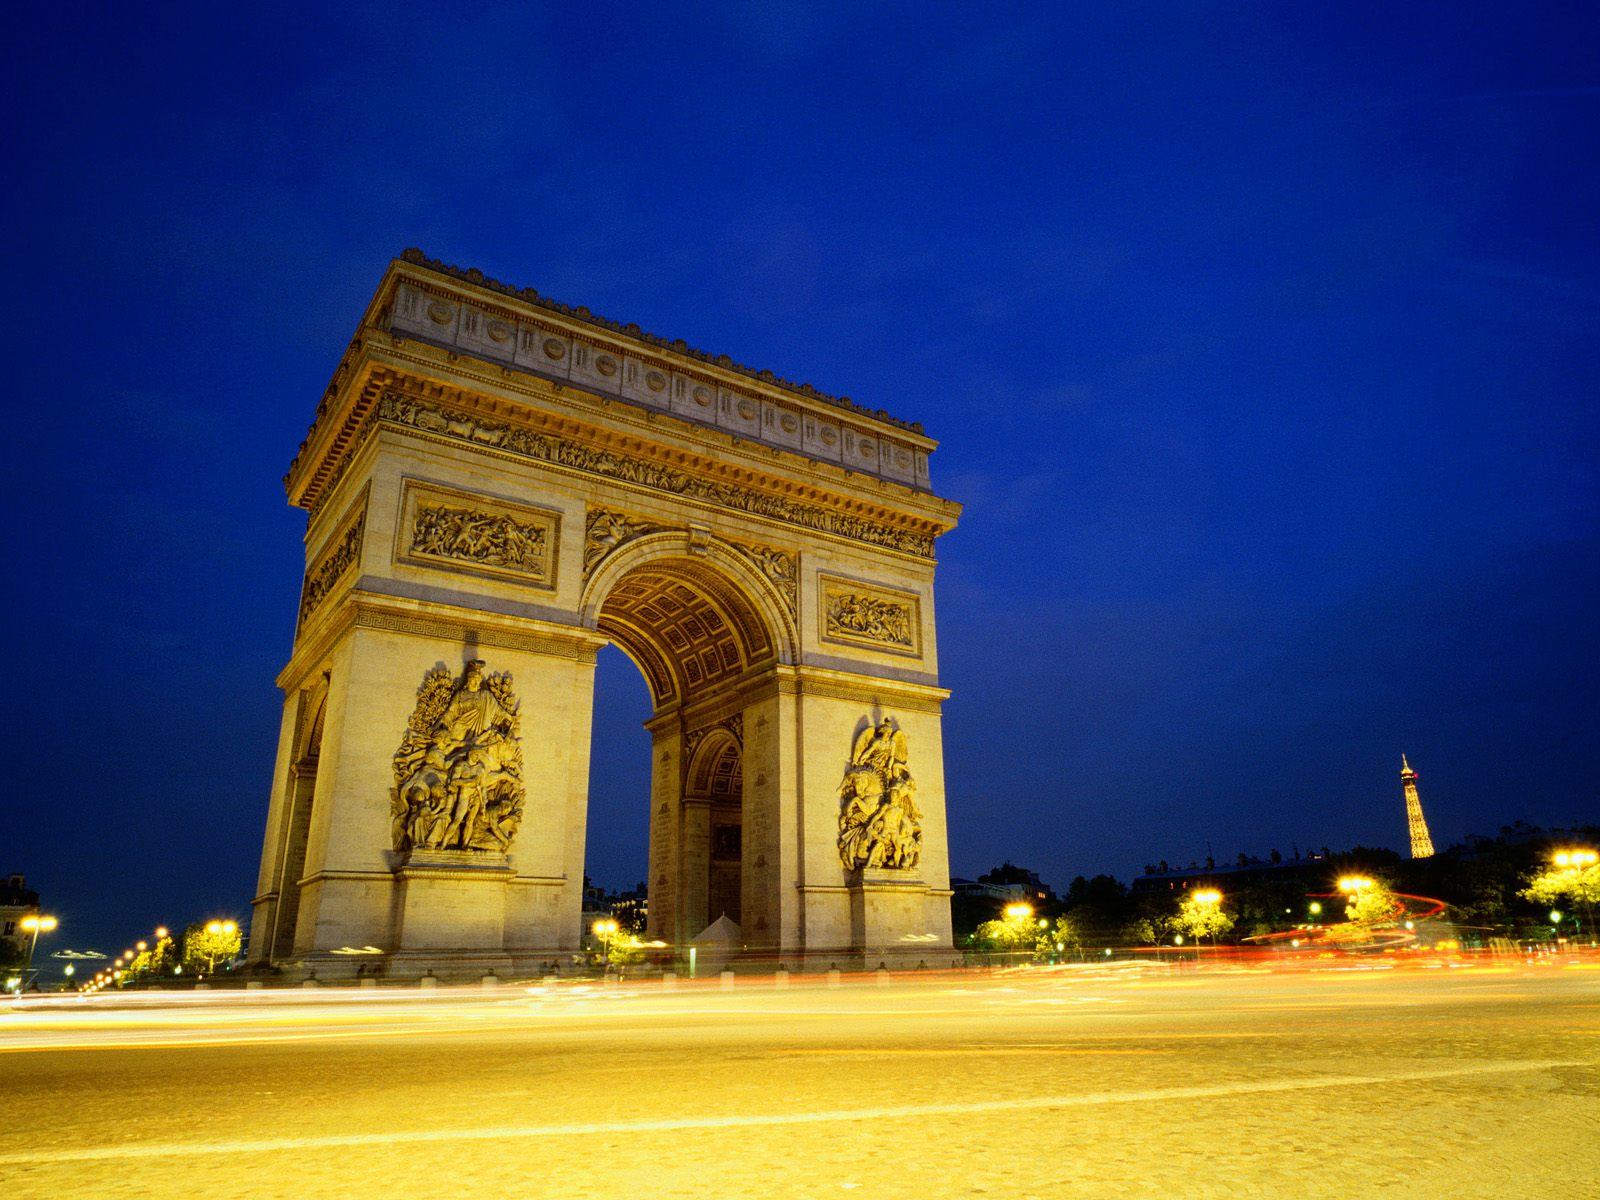 Mix Wallpaper Full Hd Paris France Free Download Wallpaper